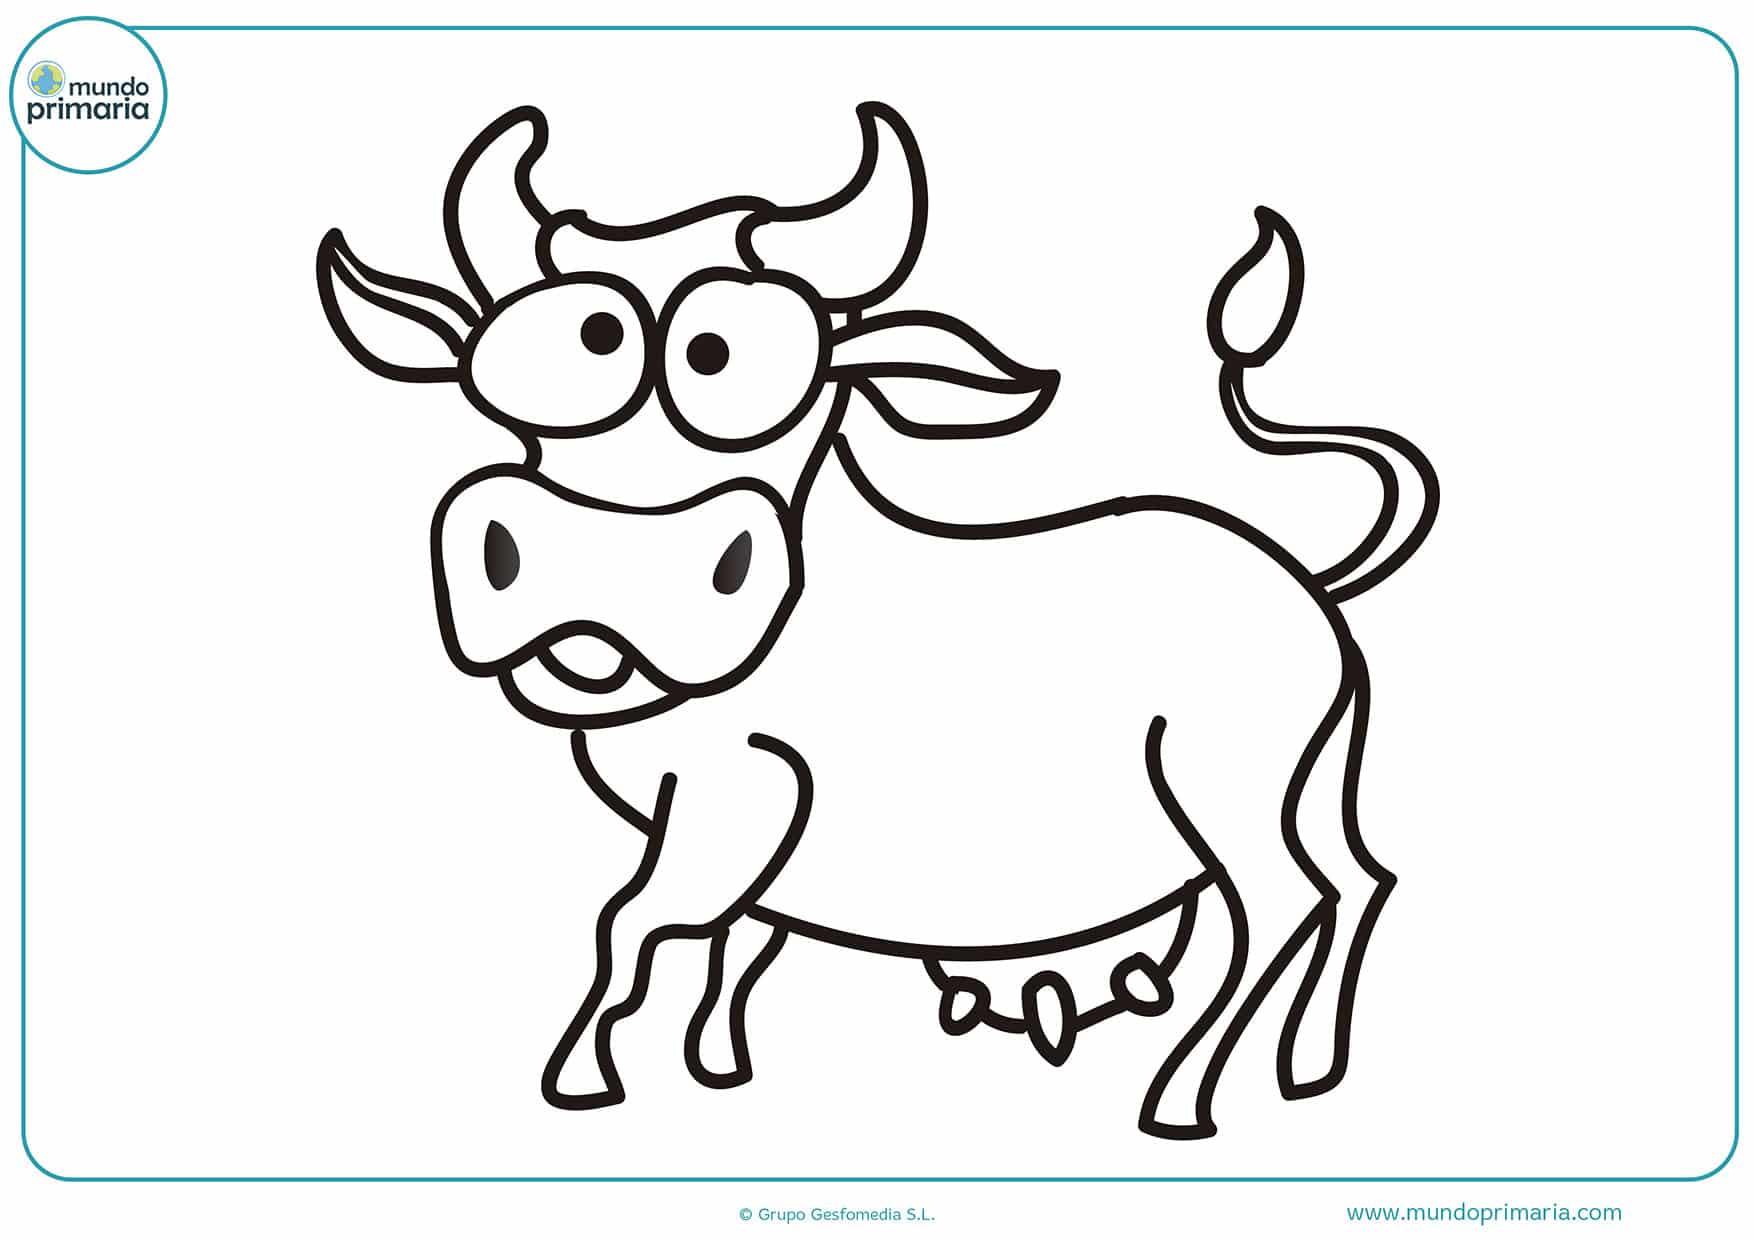 Imprimir Gratis Para Colorear Para Y Mandalas De Animales: Dibujos De Animales De Granja Para Colorear